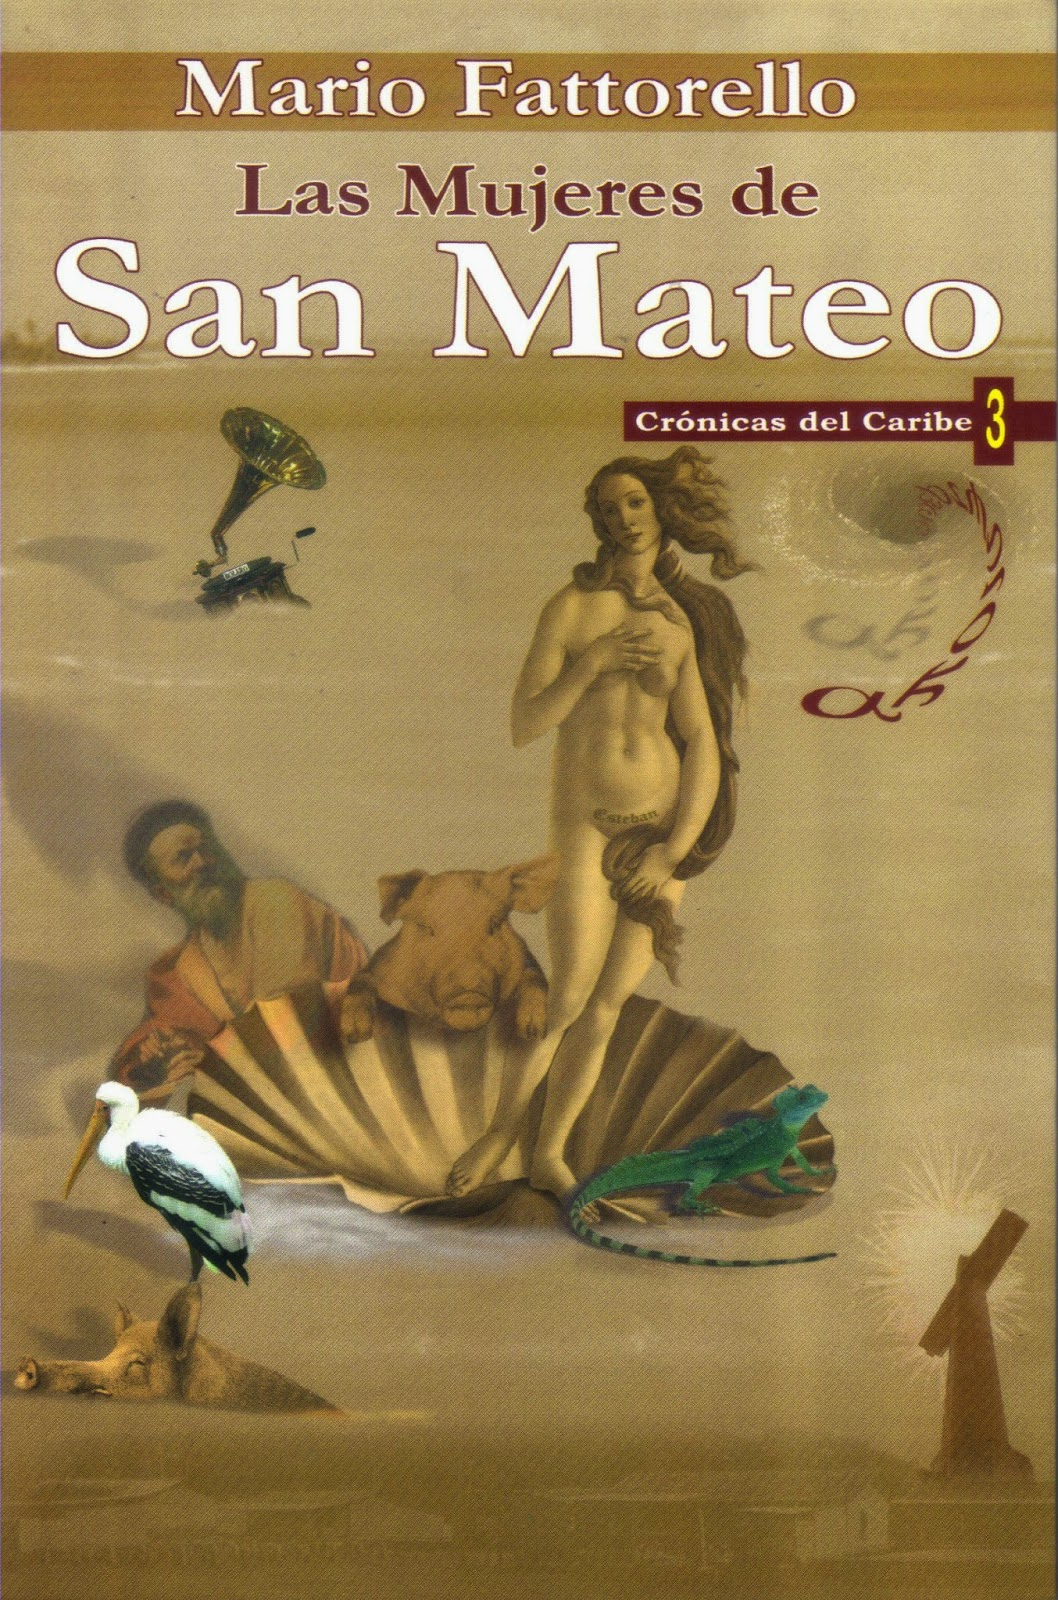 Portada de Las mujeres de San Mateo. Crónicas del Caribe 3. Mario Fattorello